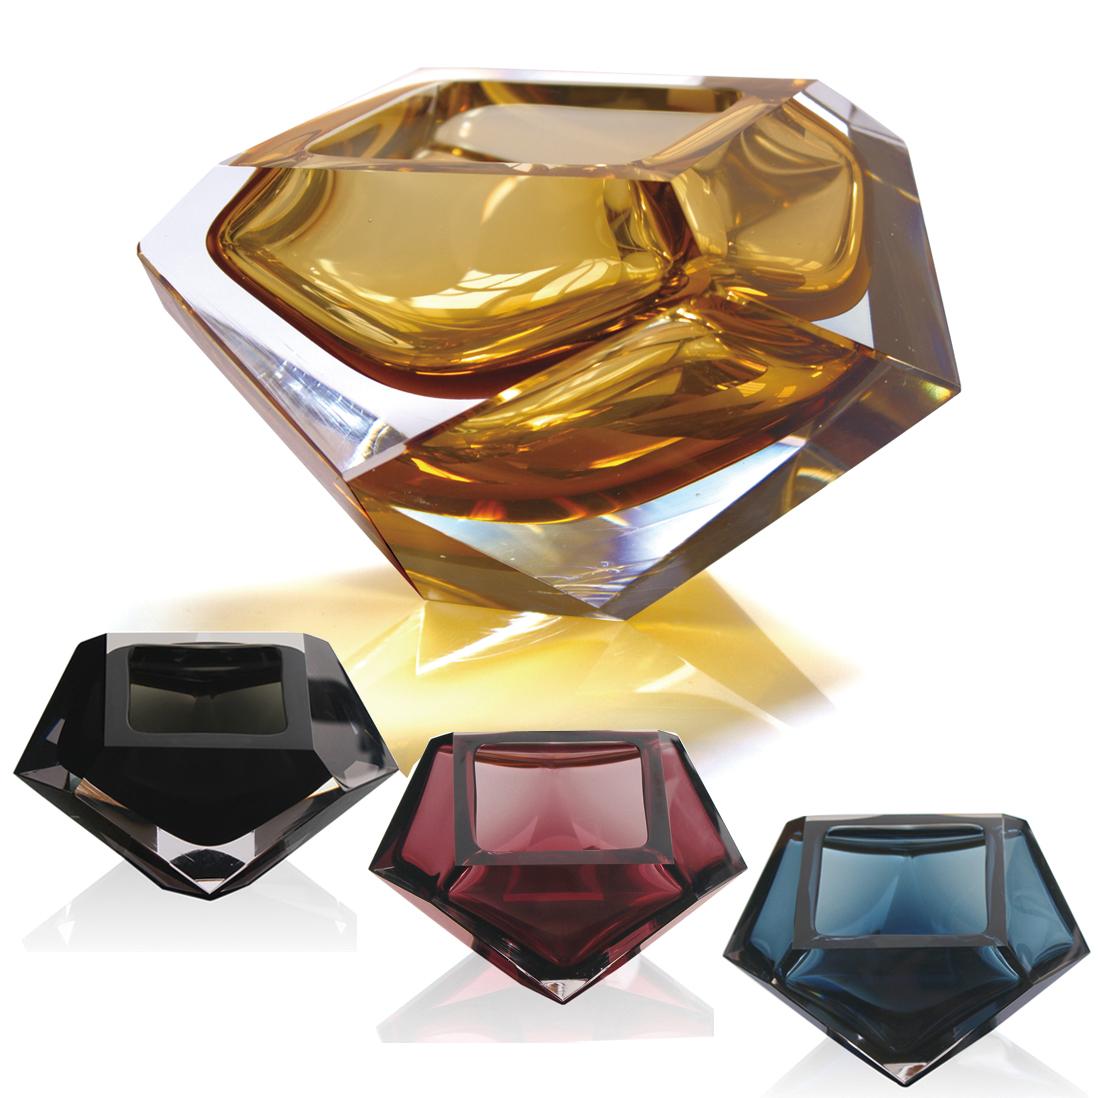 钻石形个性礼品烟灰缸创意时尚高雅水晶玻璃烟缸客厅生日礼物品男